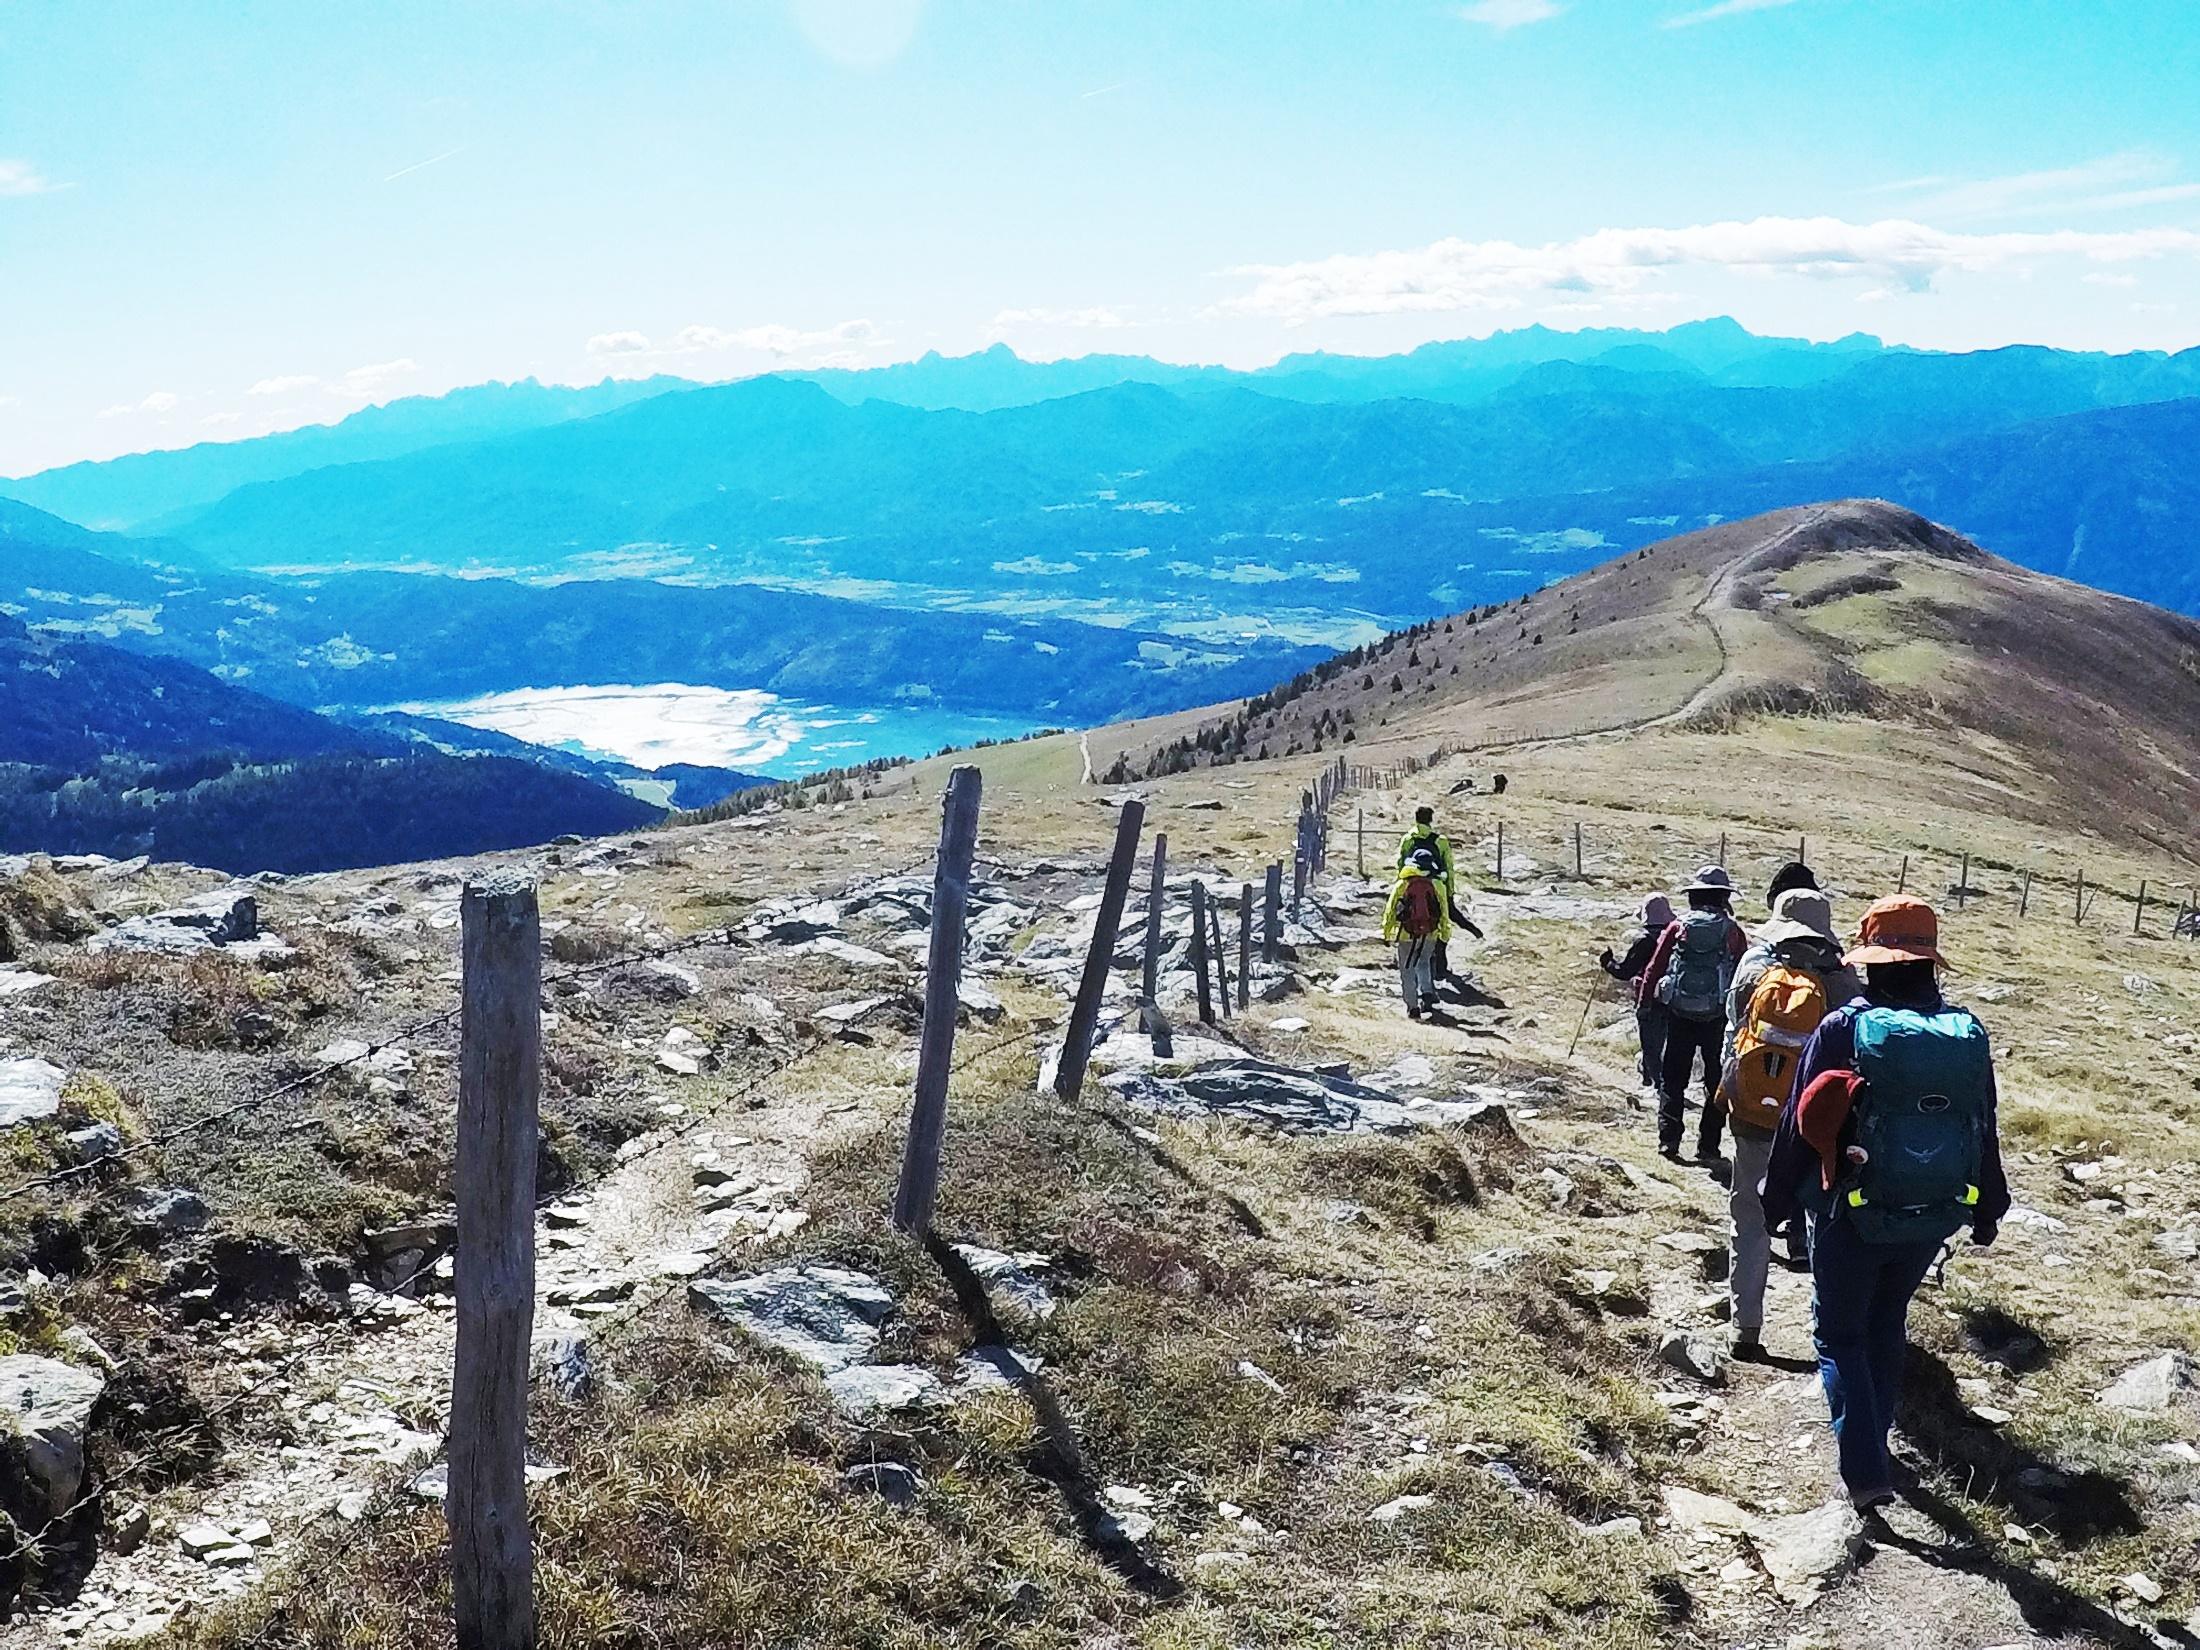 ミルシュタット湖展望ハイキング(4日目)